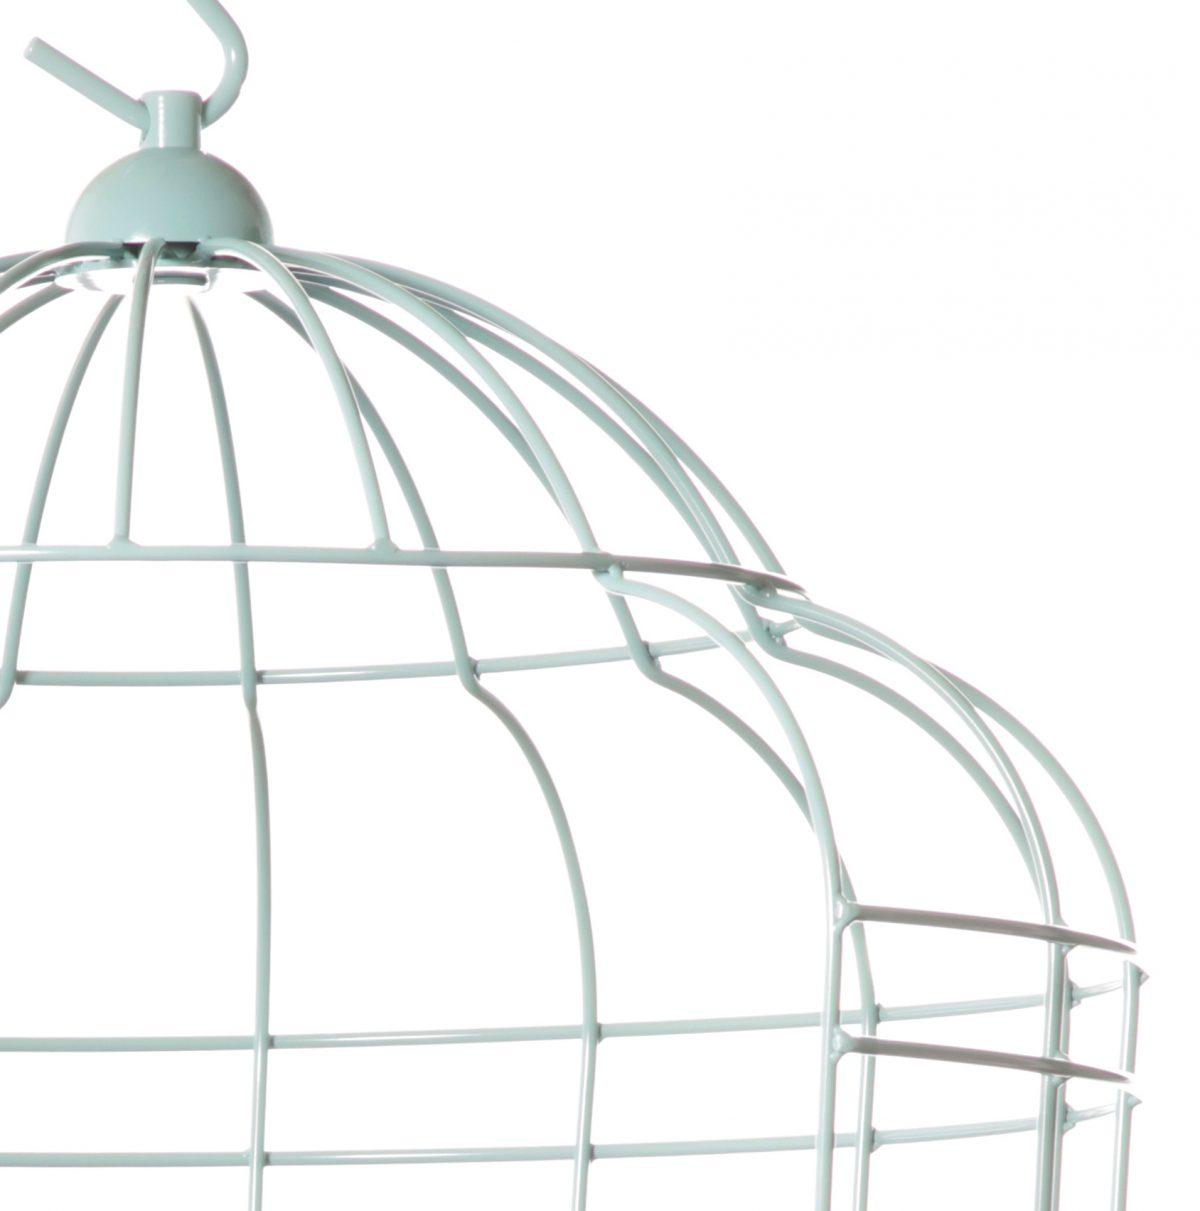 Cageling hangstoel – Ontwerpduo loungen